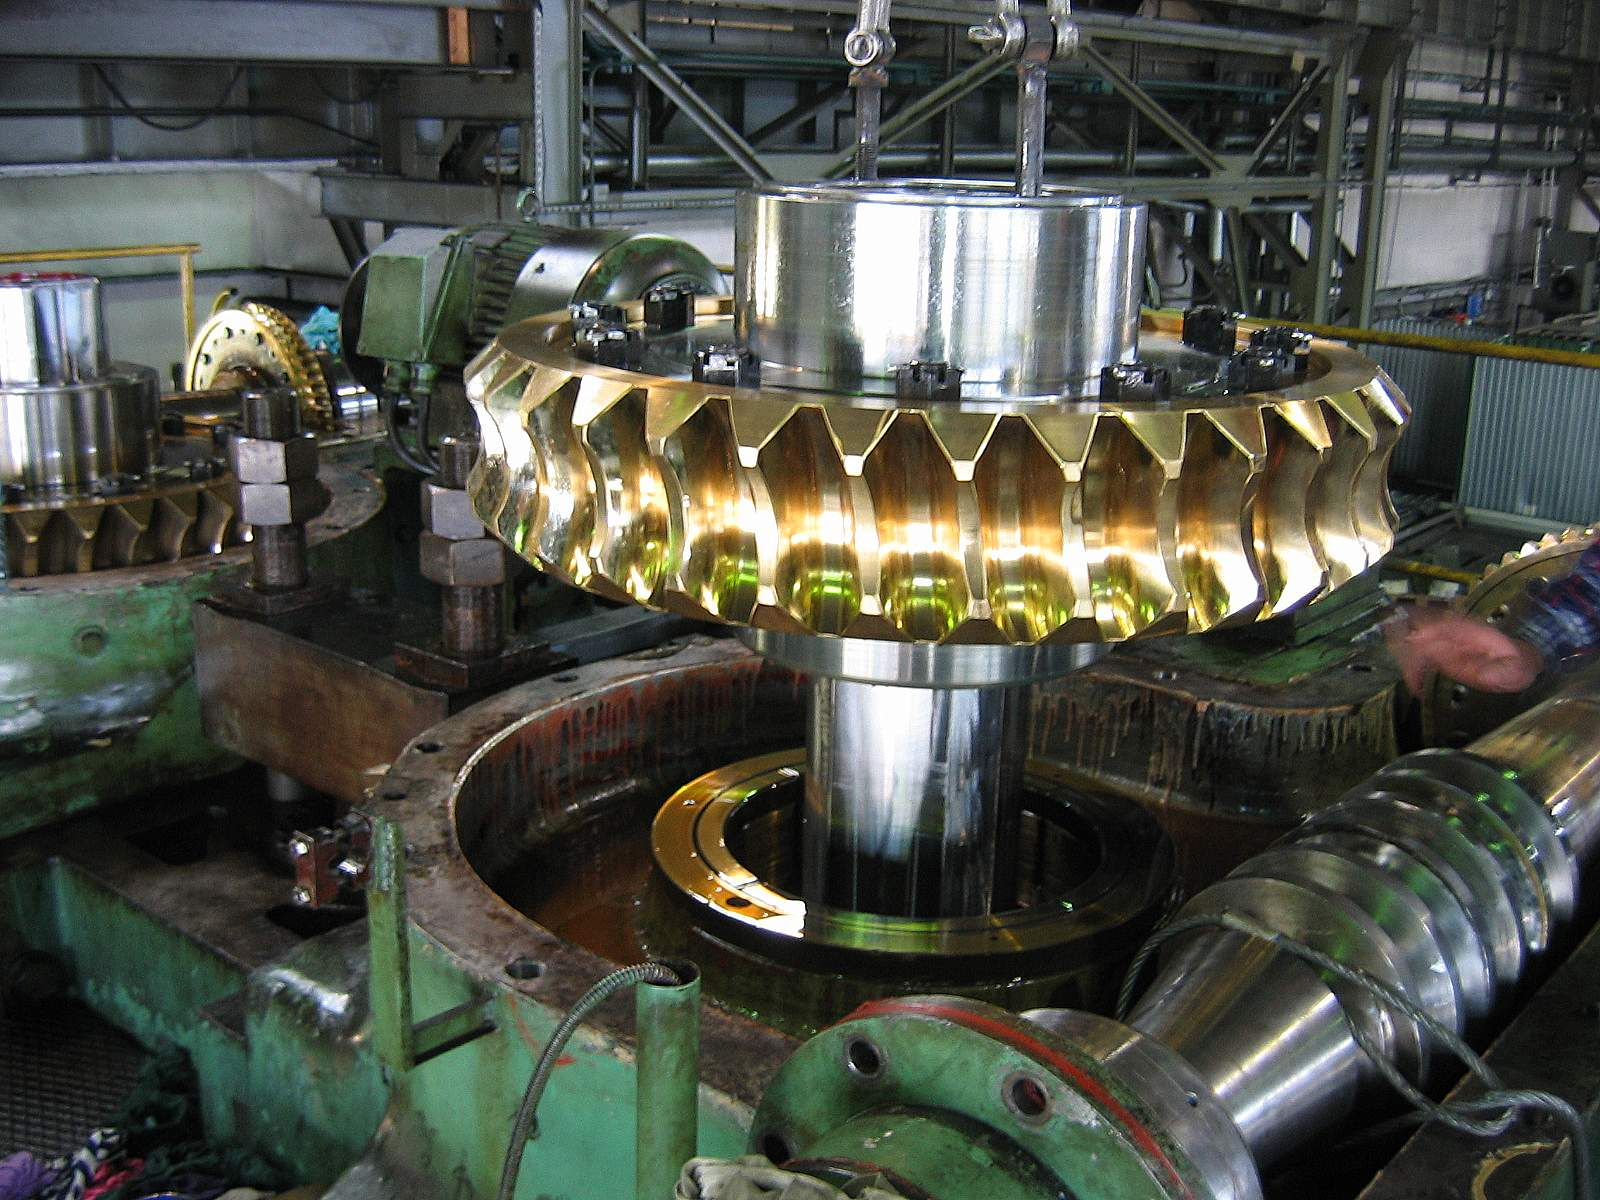 Wykonywanie części maszyn